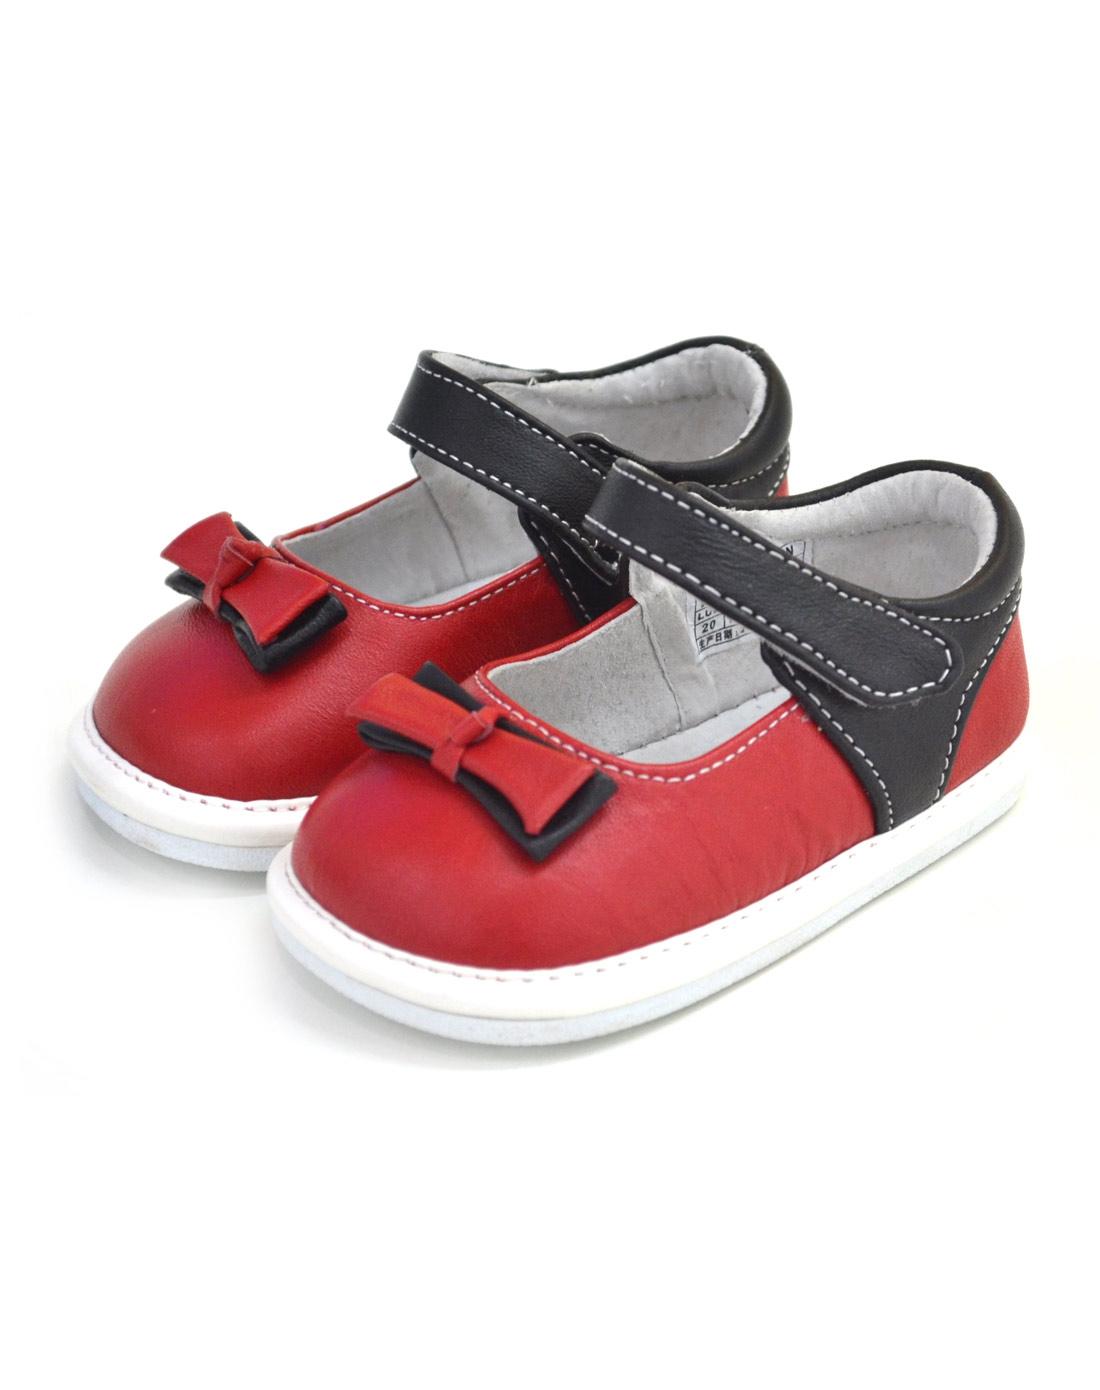 女童大红色时尚休闲系列小皮鞋